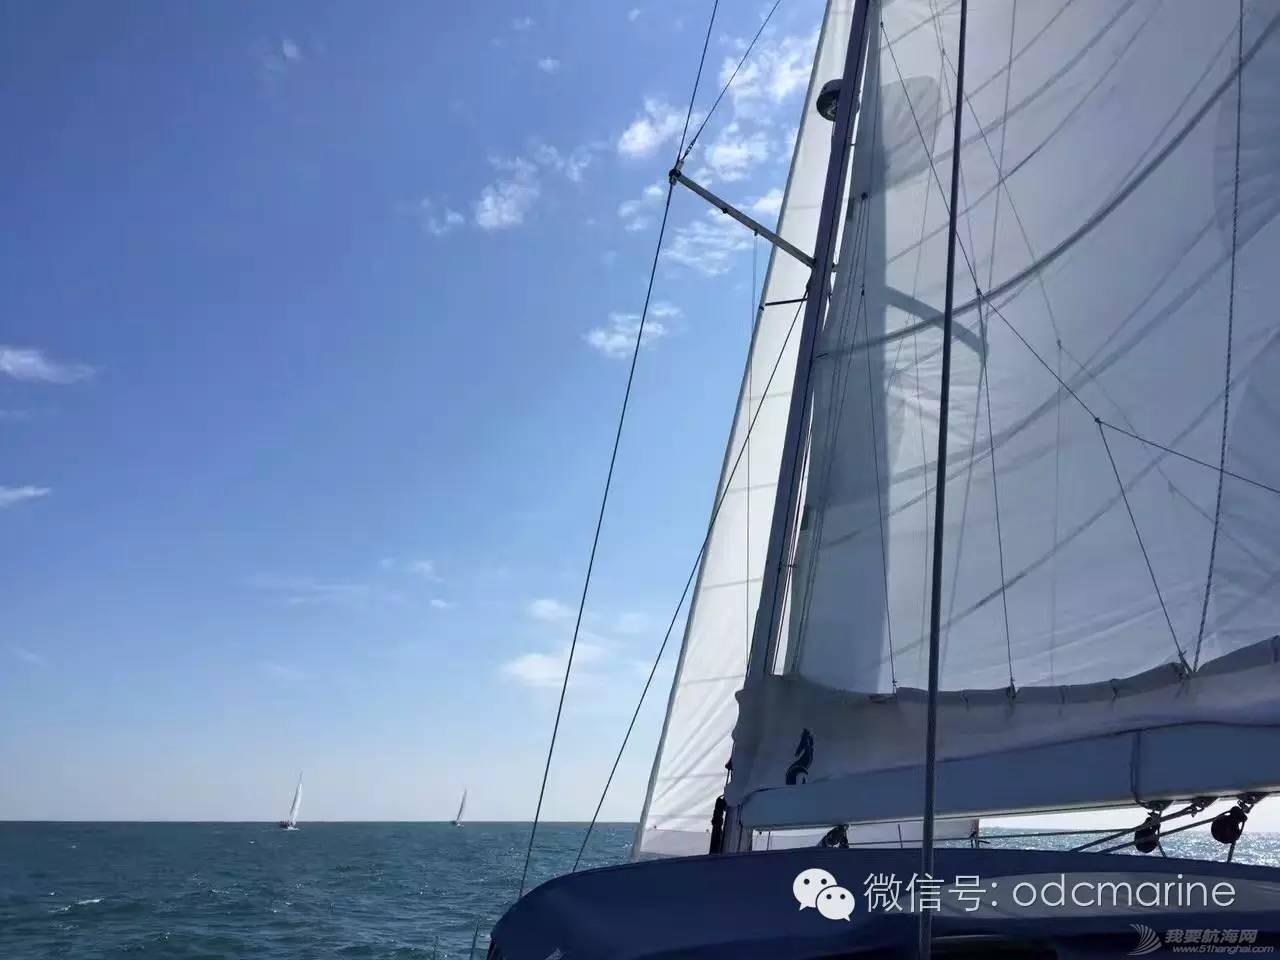 拉力赛 Sailing lifestyle丨这样的拉力赛很精彩 53fae7ac3bcea093a285f1d74ce07be7.jpg